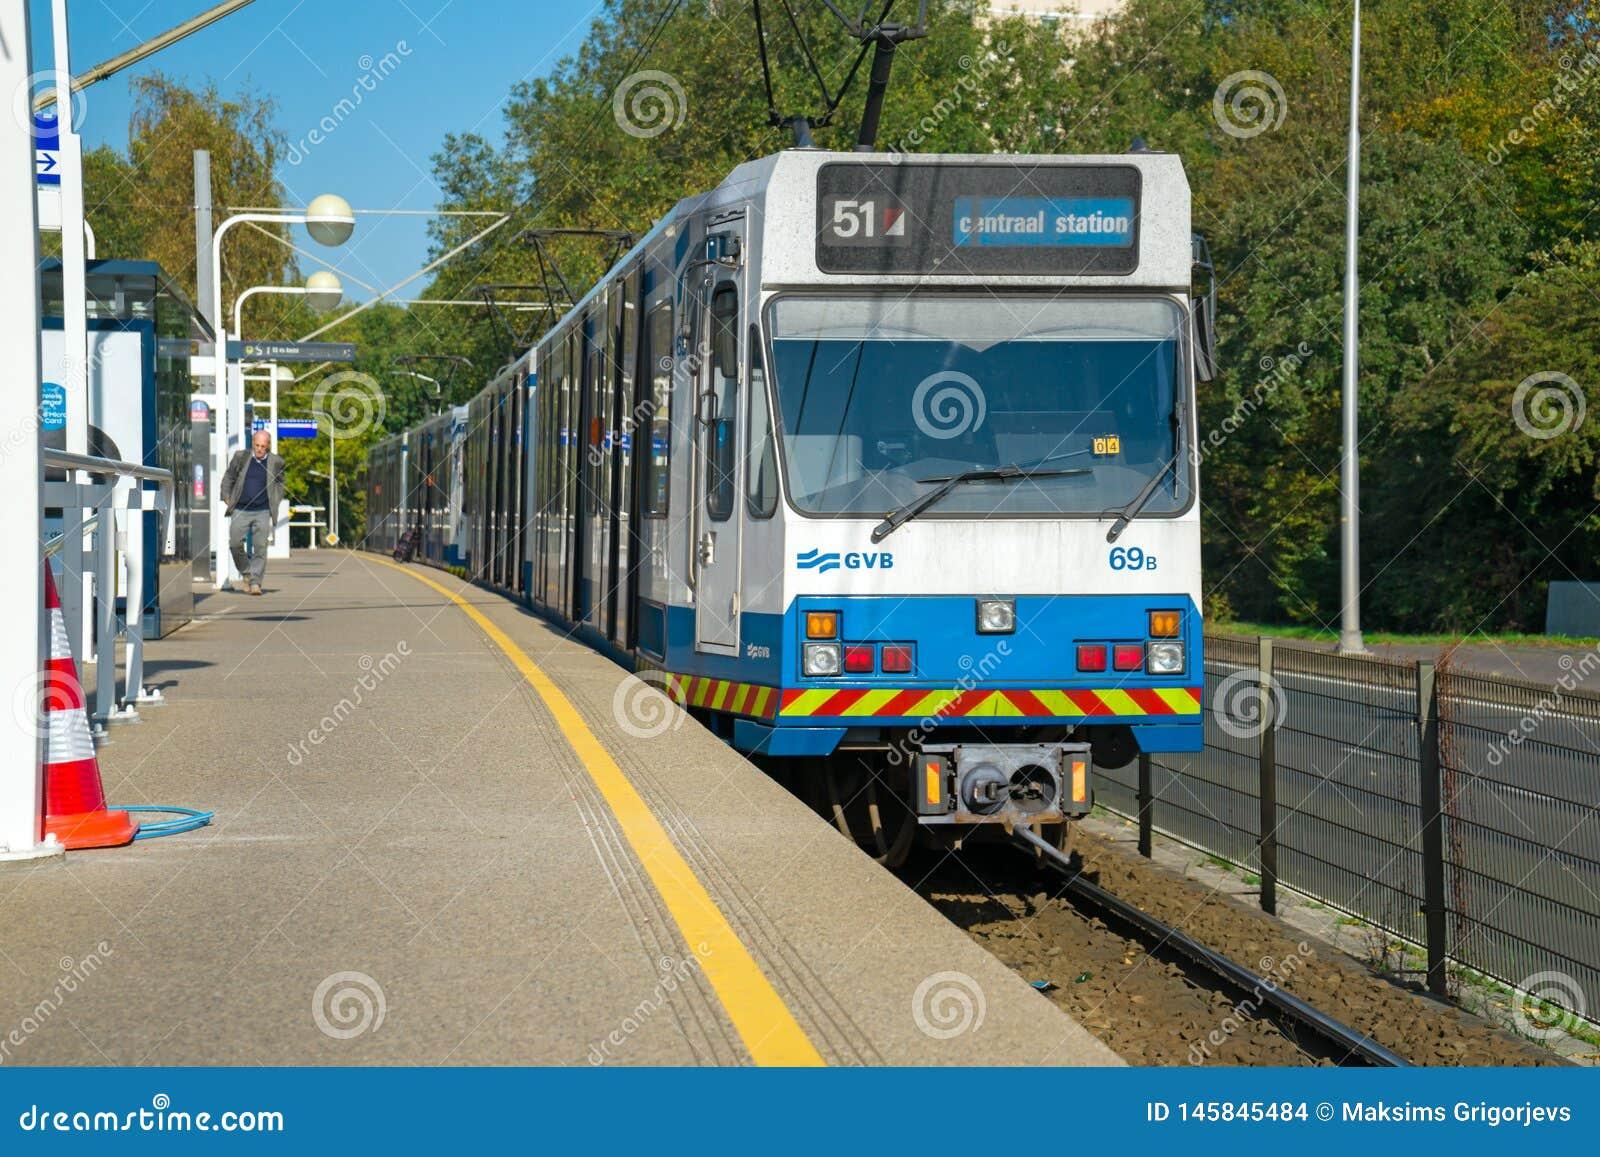 Ankommende Tram, Amsterdam, die Niederlande, am 12. Oktober 2017